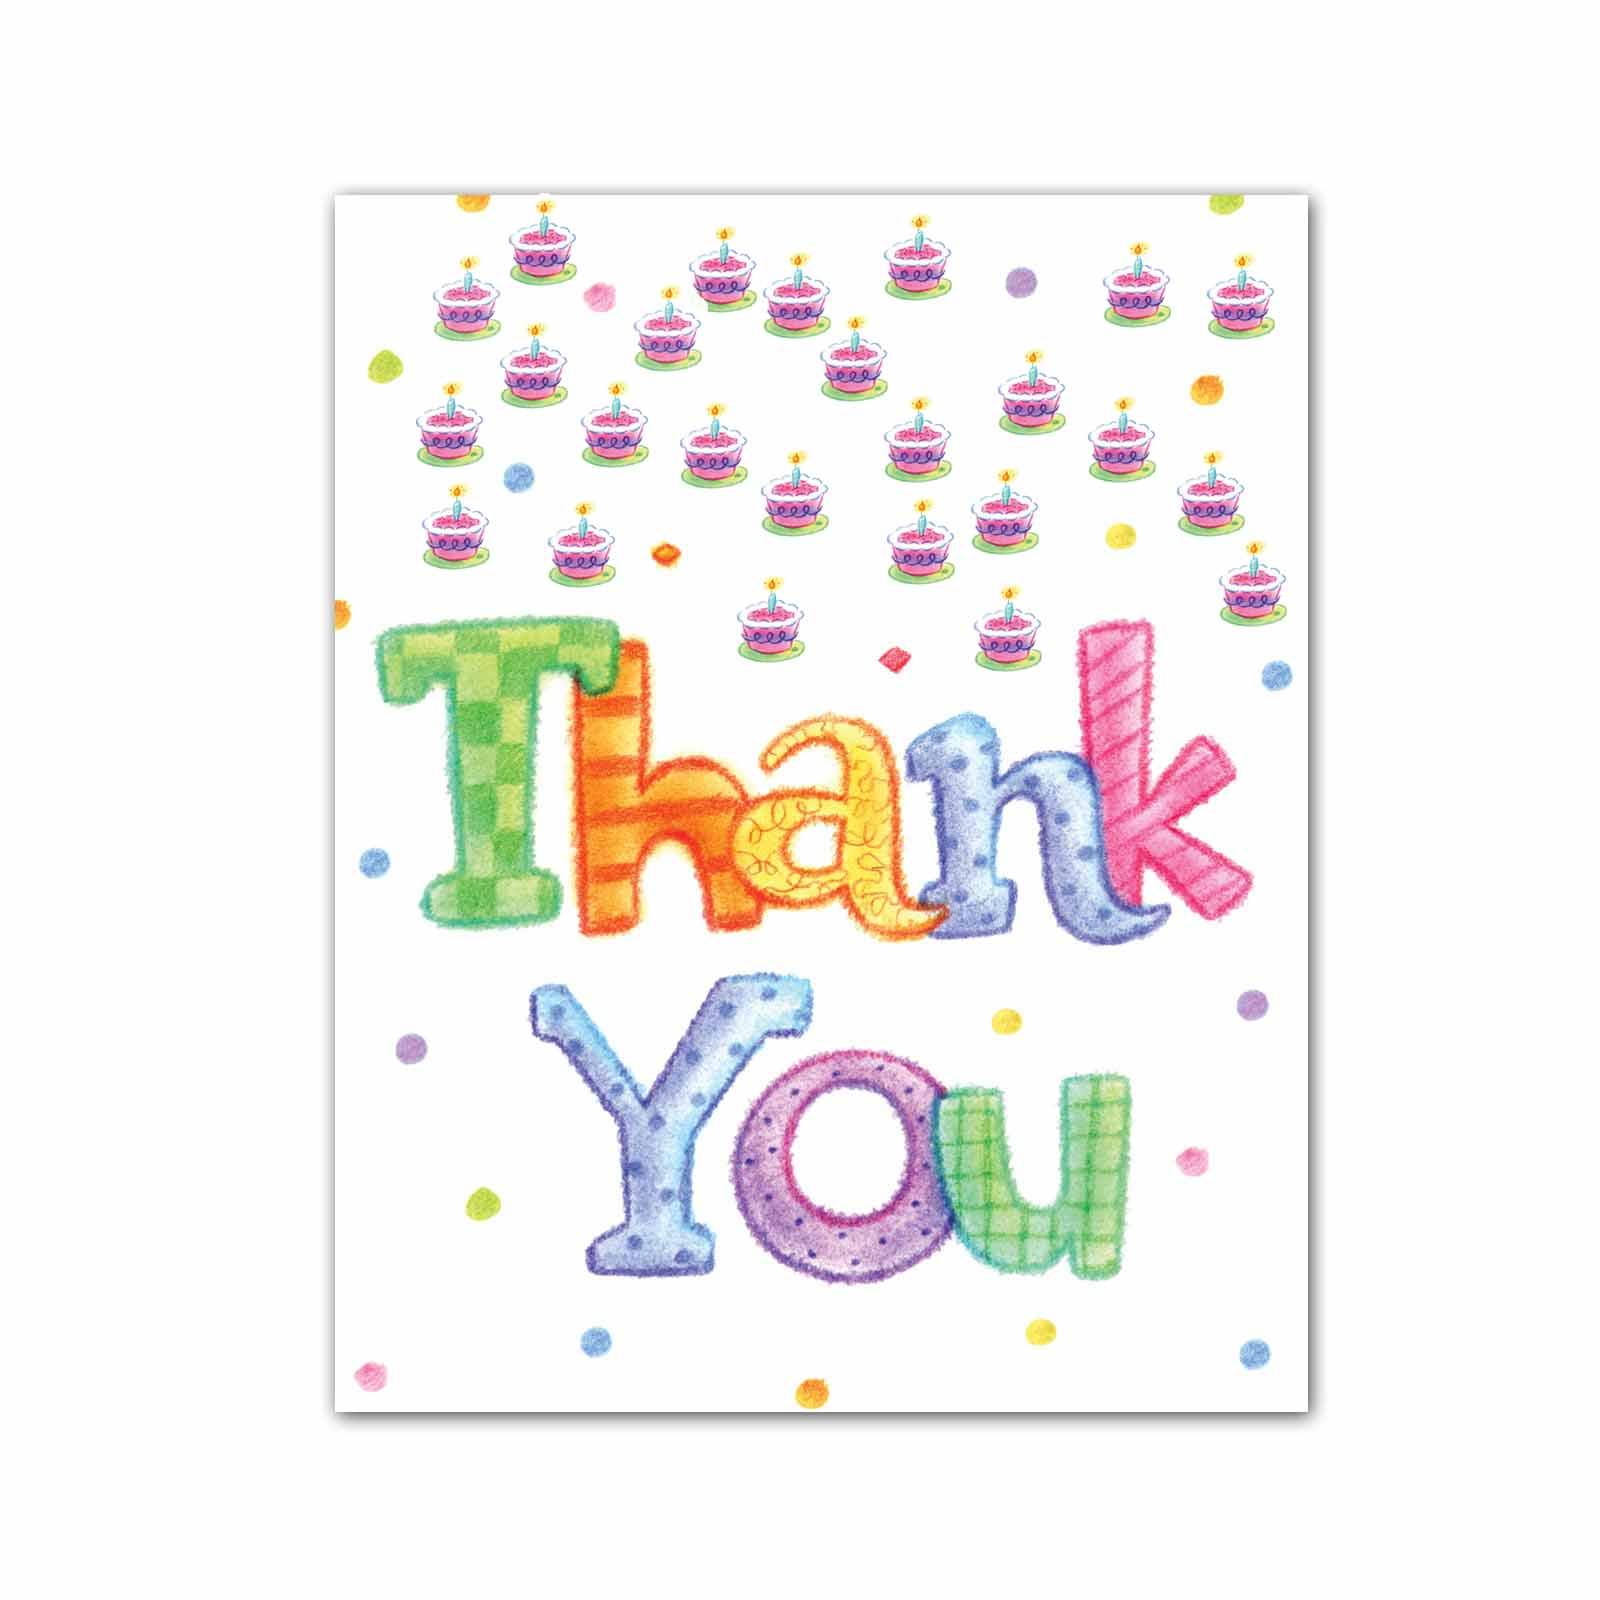 An alle vielen dank für all die lieben glückwünsche die mich per